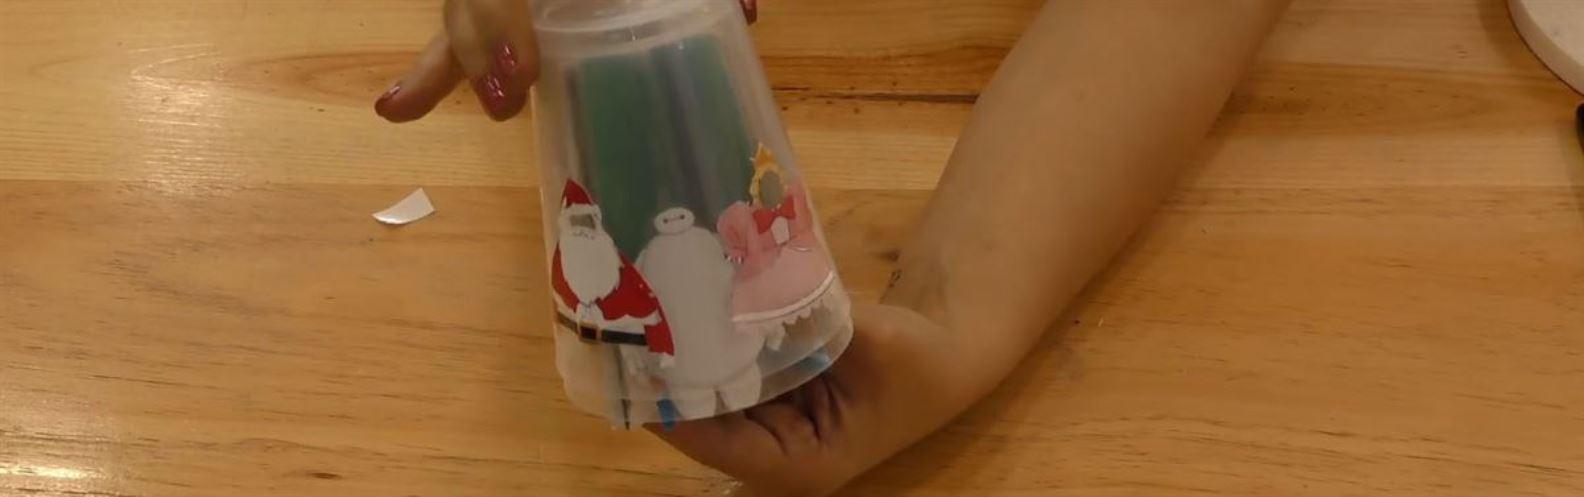 Actividad para niños de Reciclaje: VasoFilm